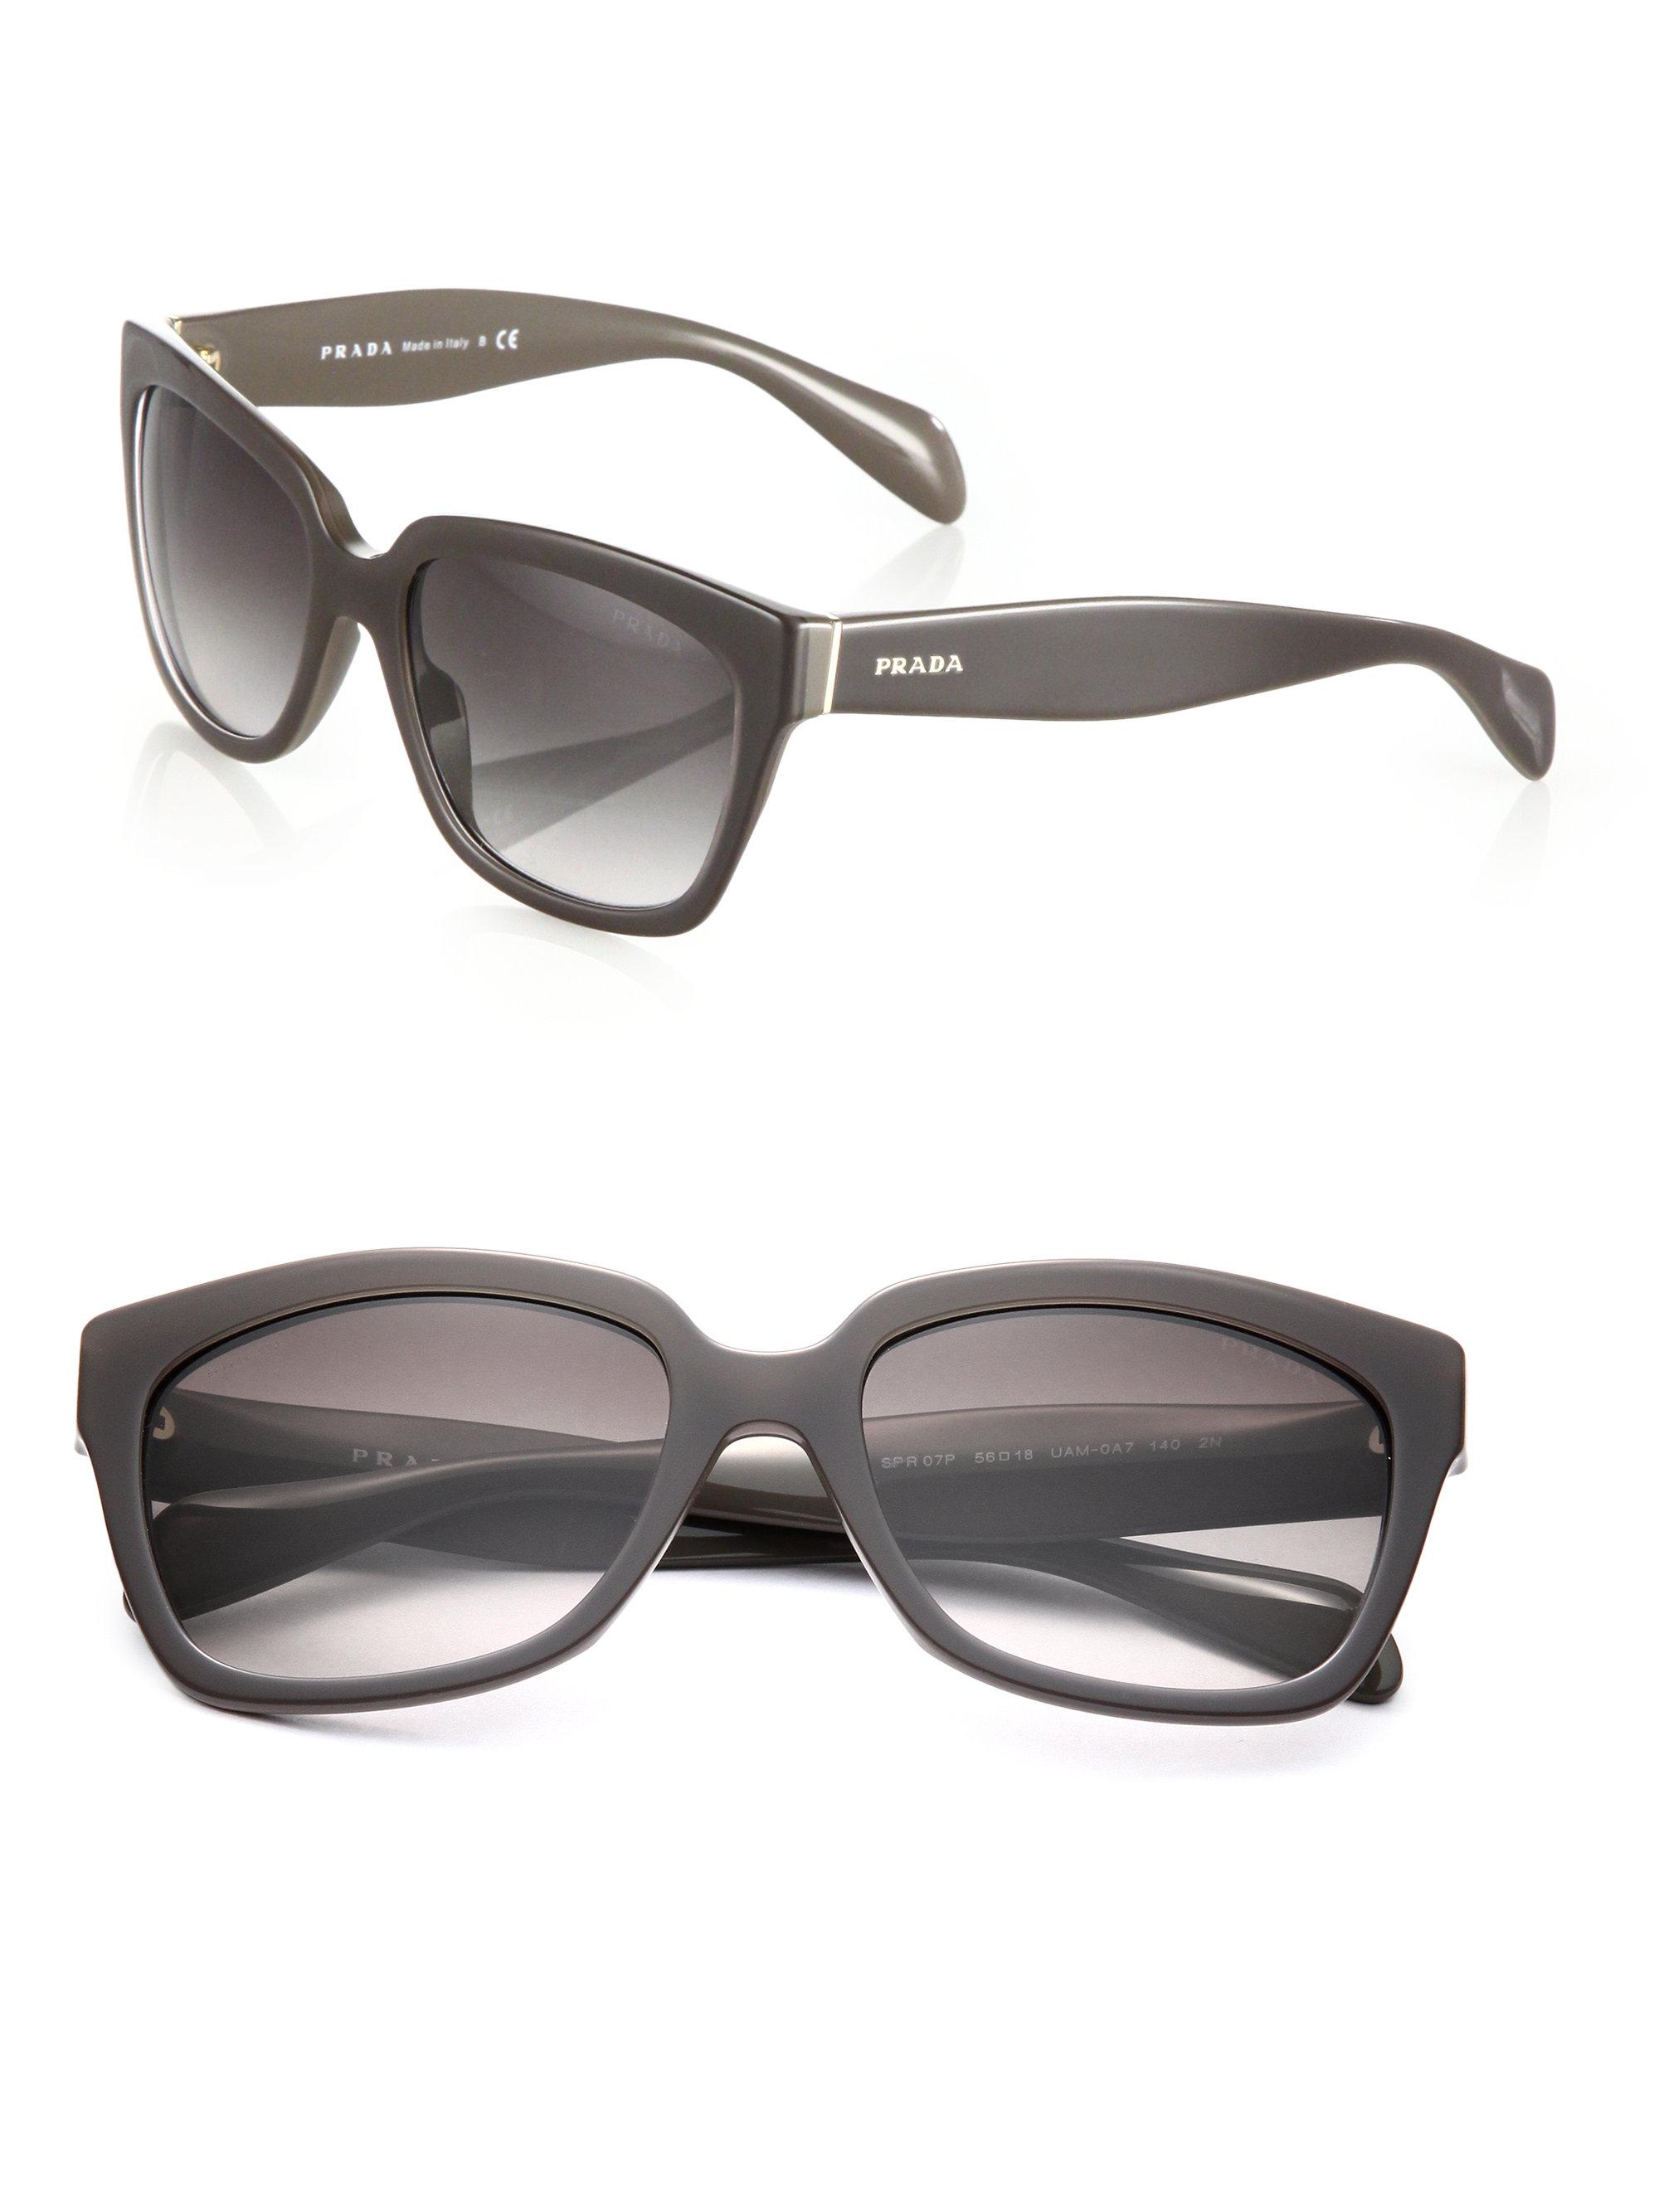 9fda00024b3 Prada Square Aviator Sunglasses « Heritage Malta